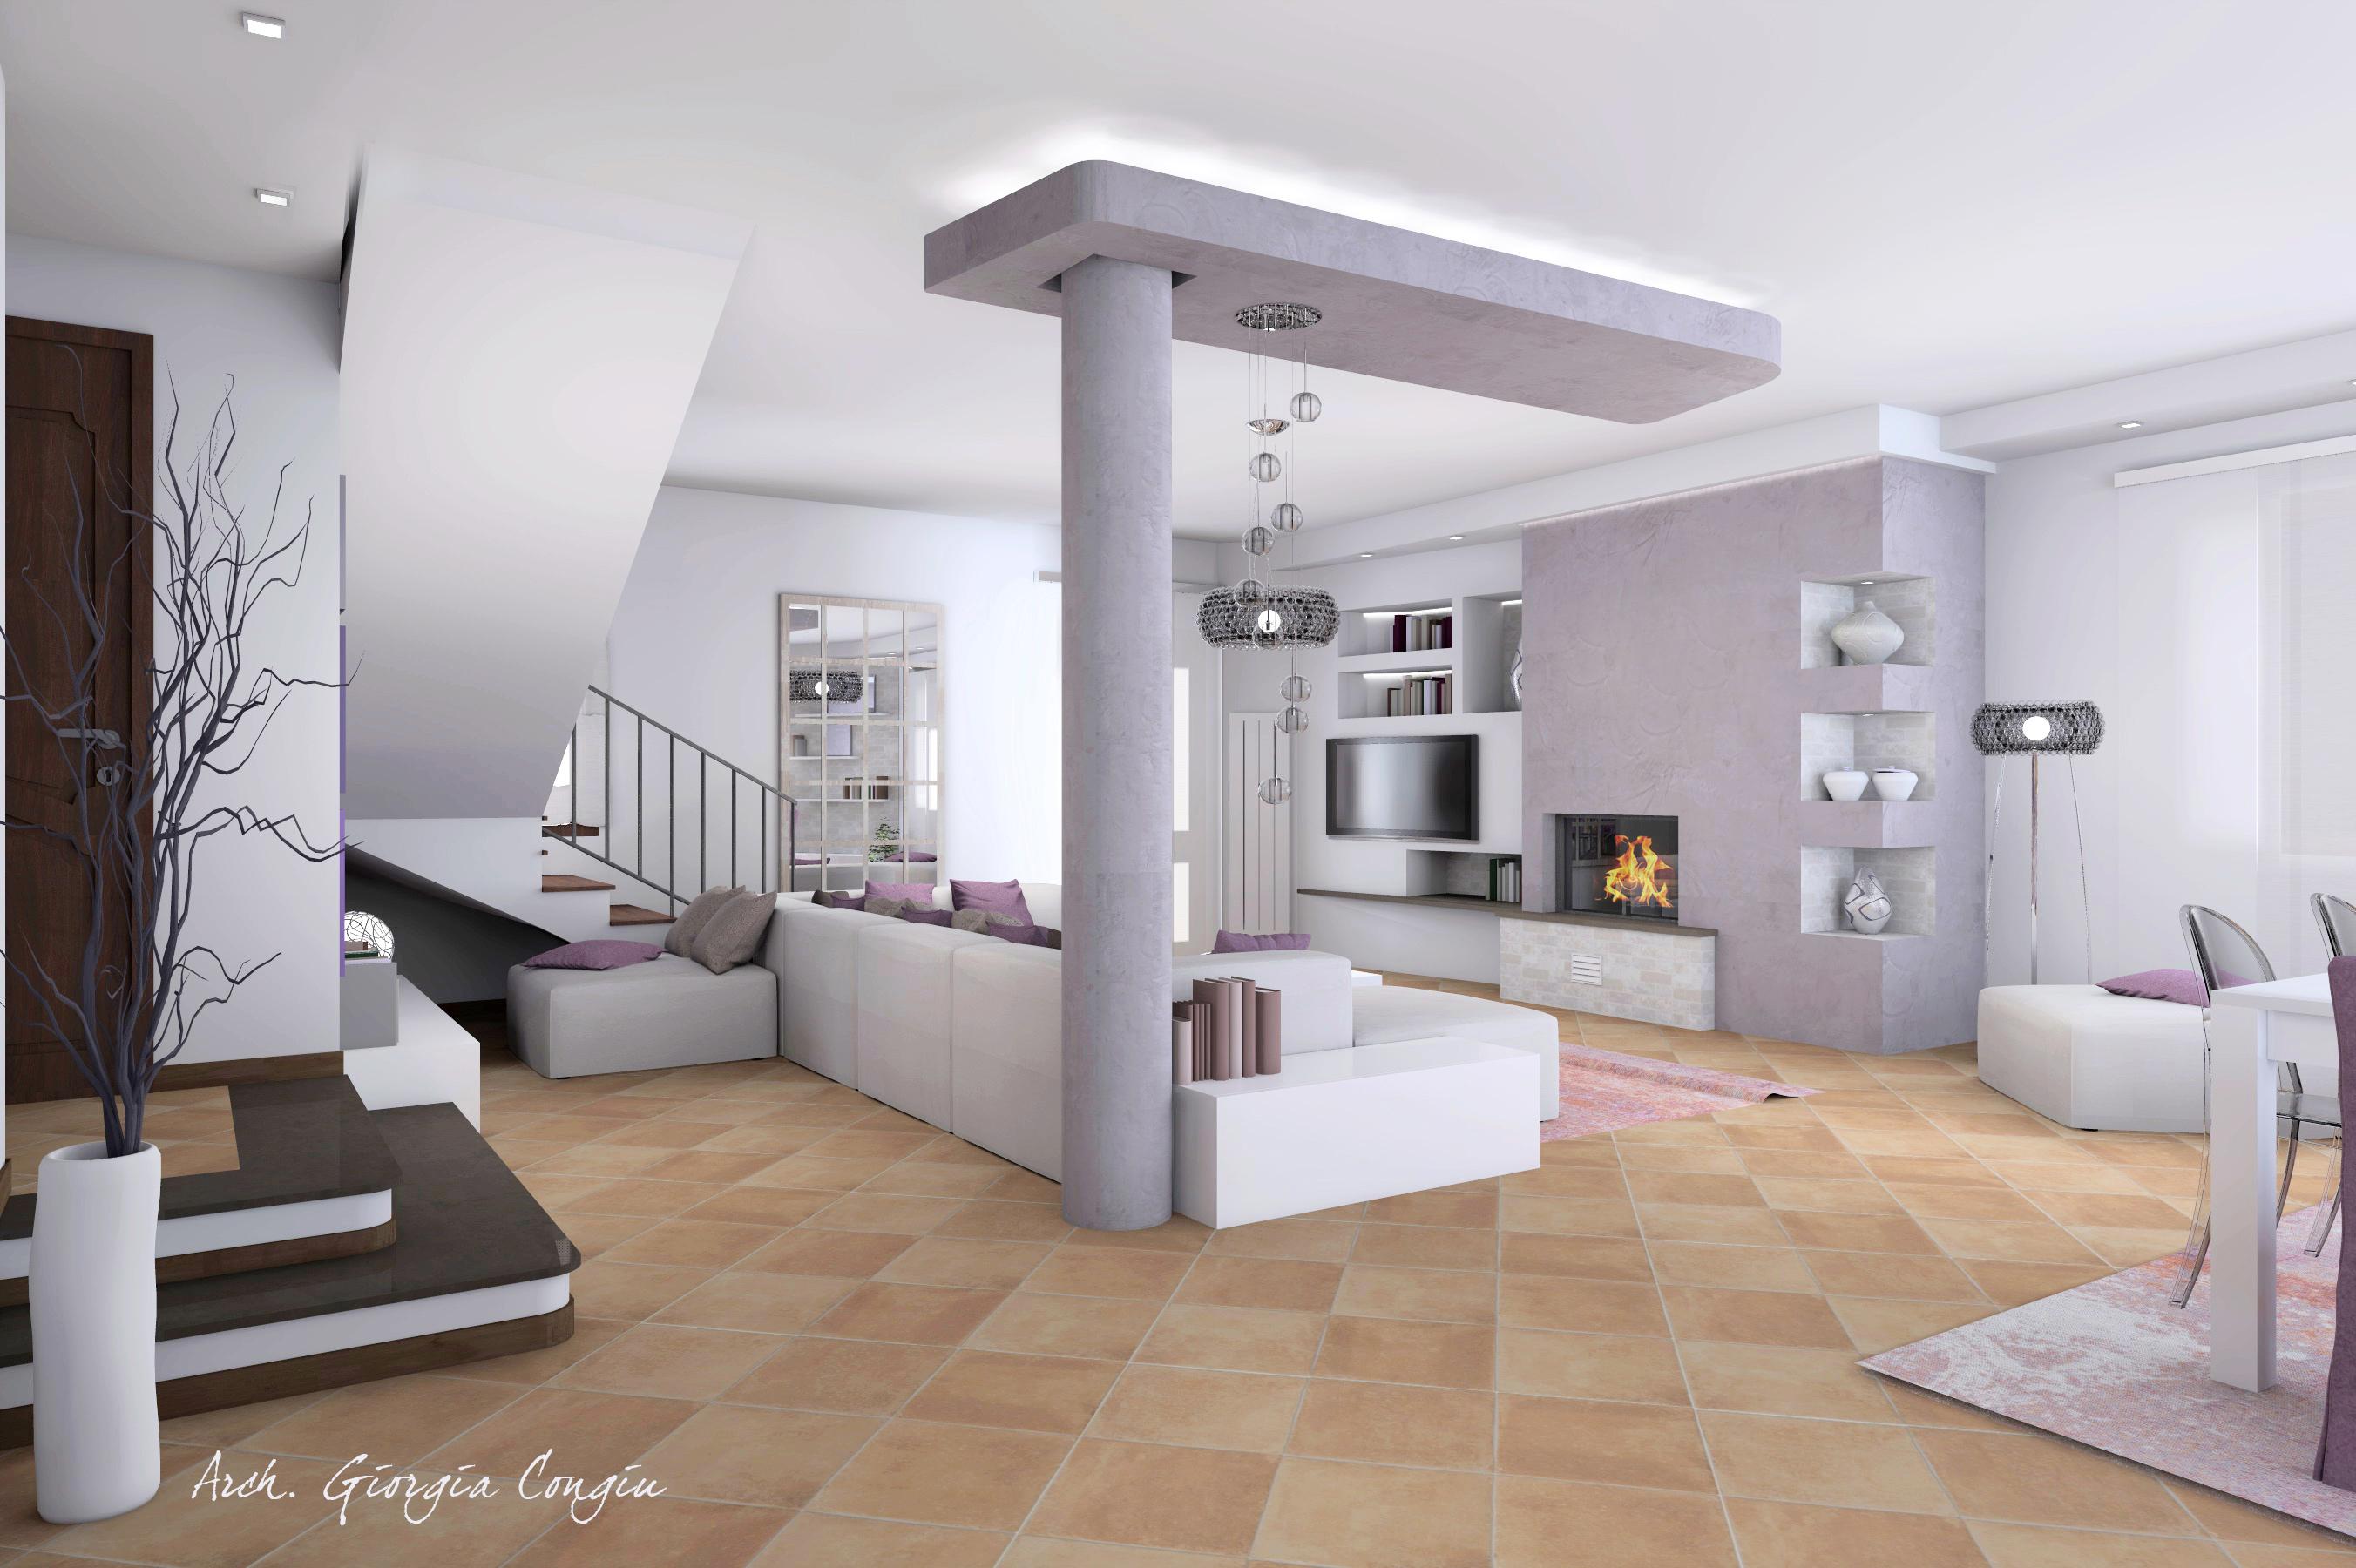 Esempi di arredamento moderno for Arredamento design moderno